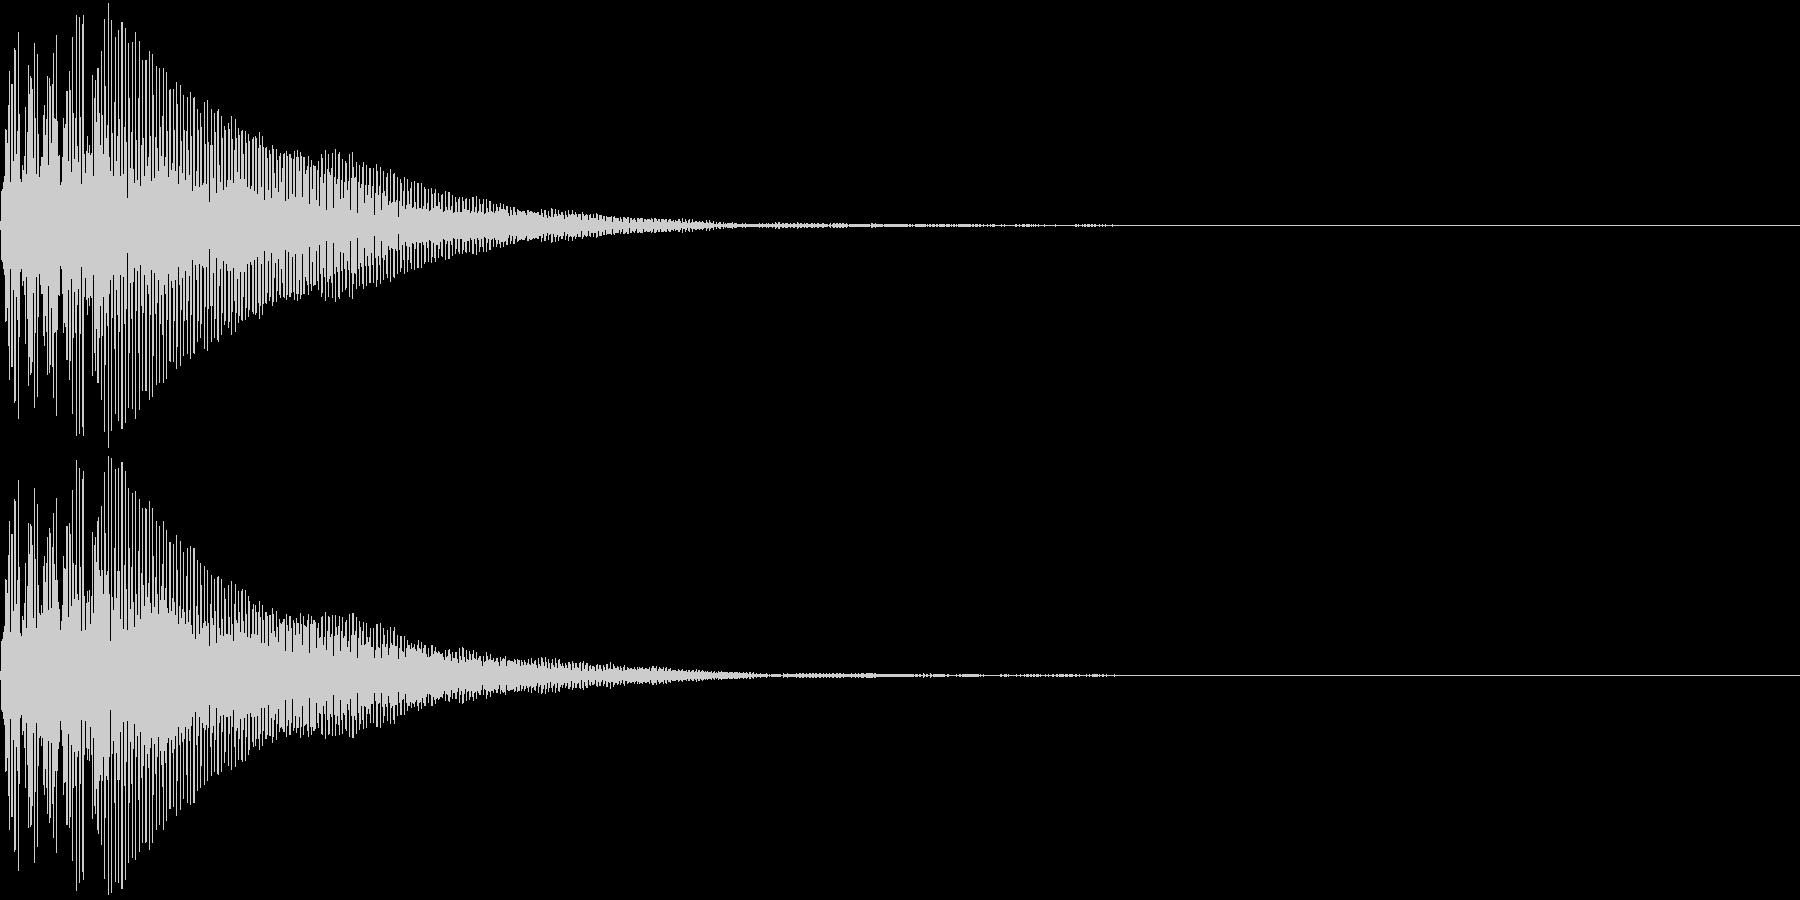 Battle 防御音 バリア アクションの未再生の波形